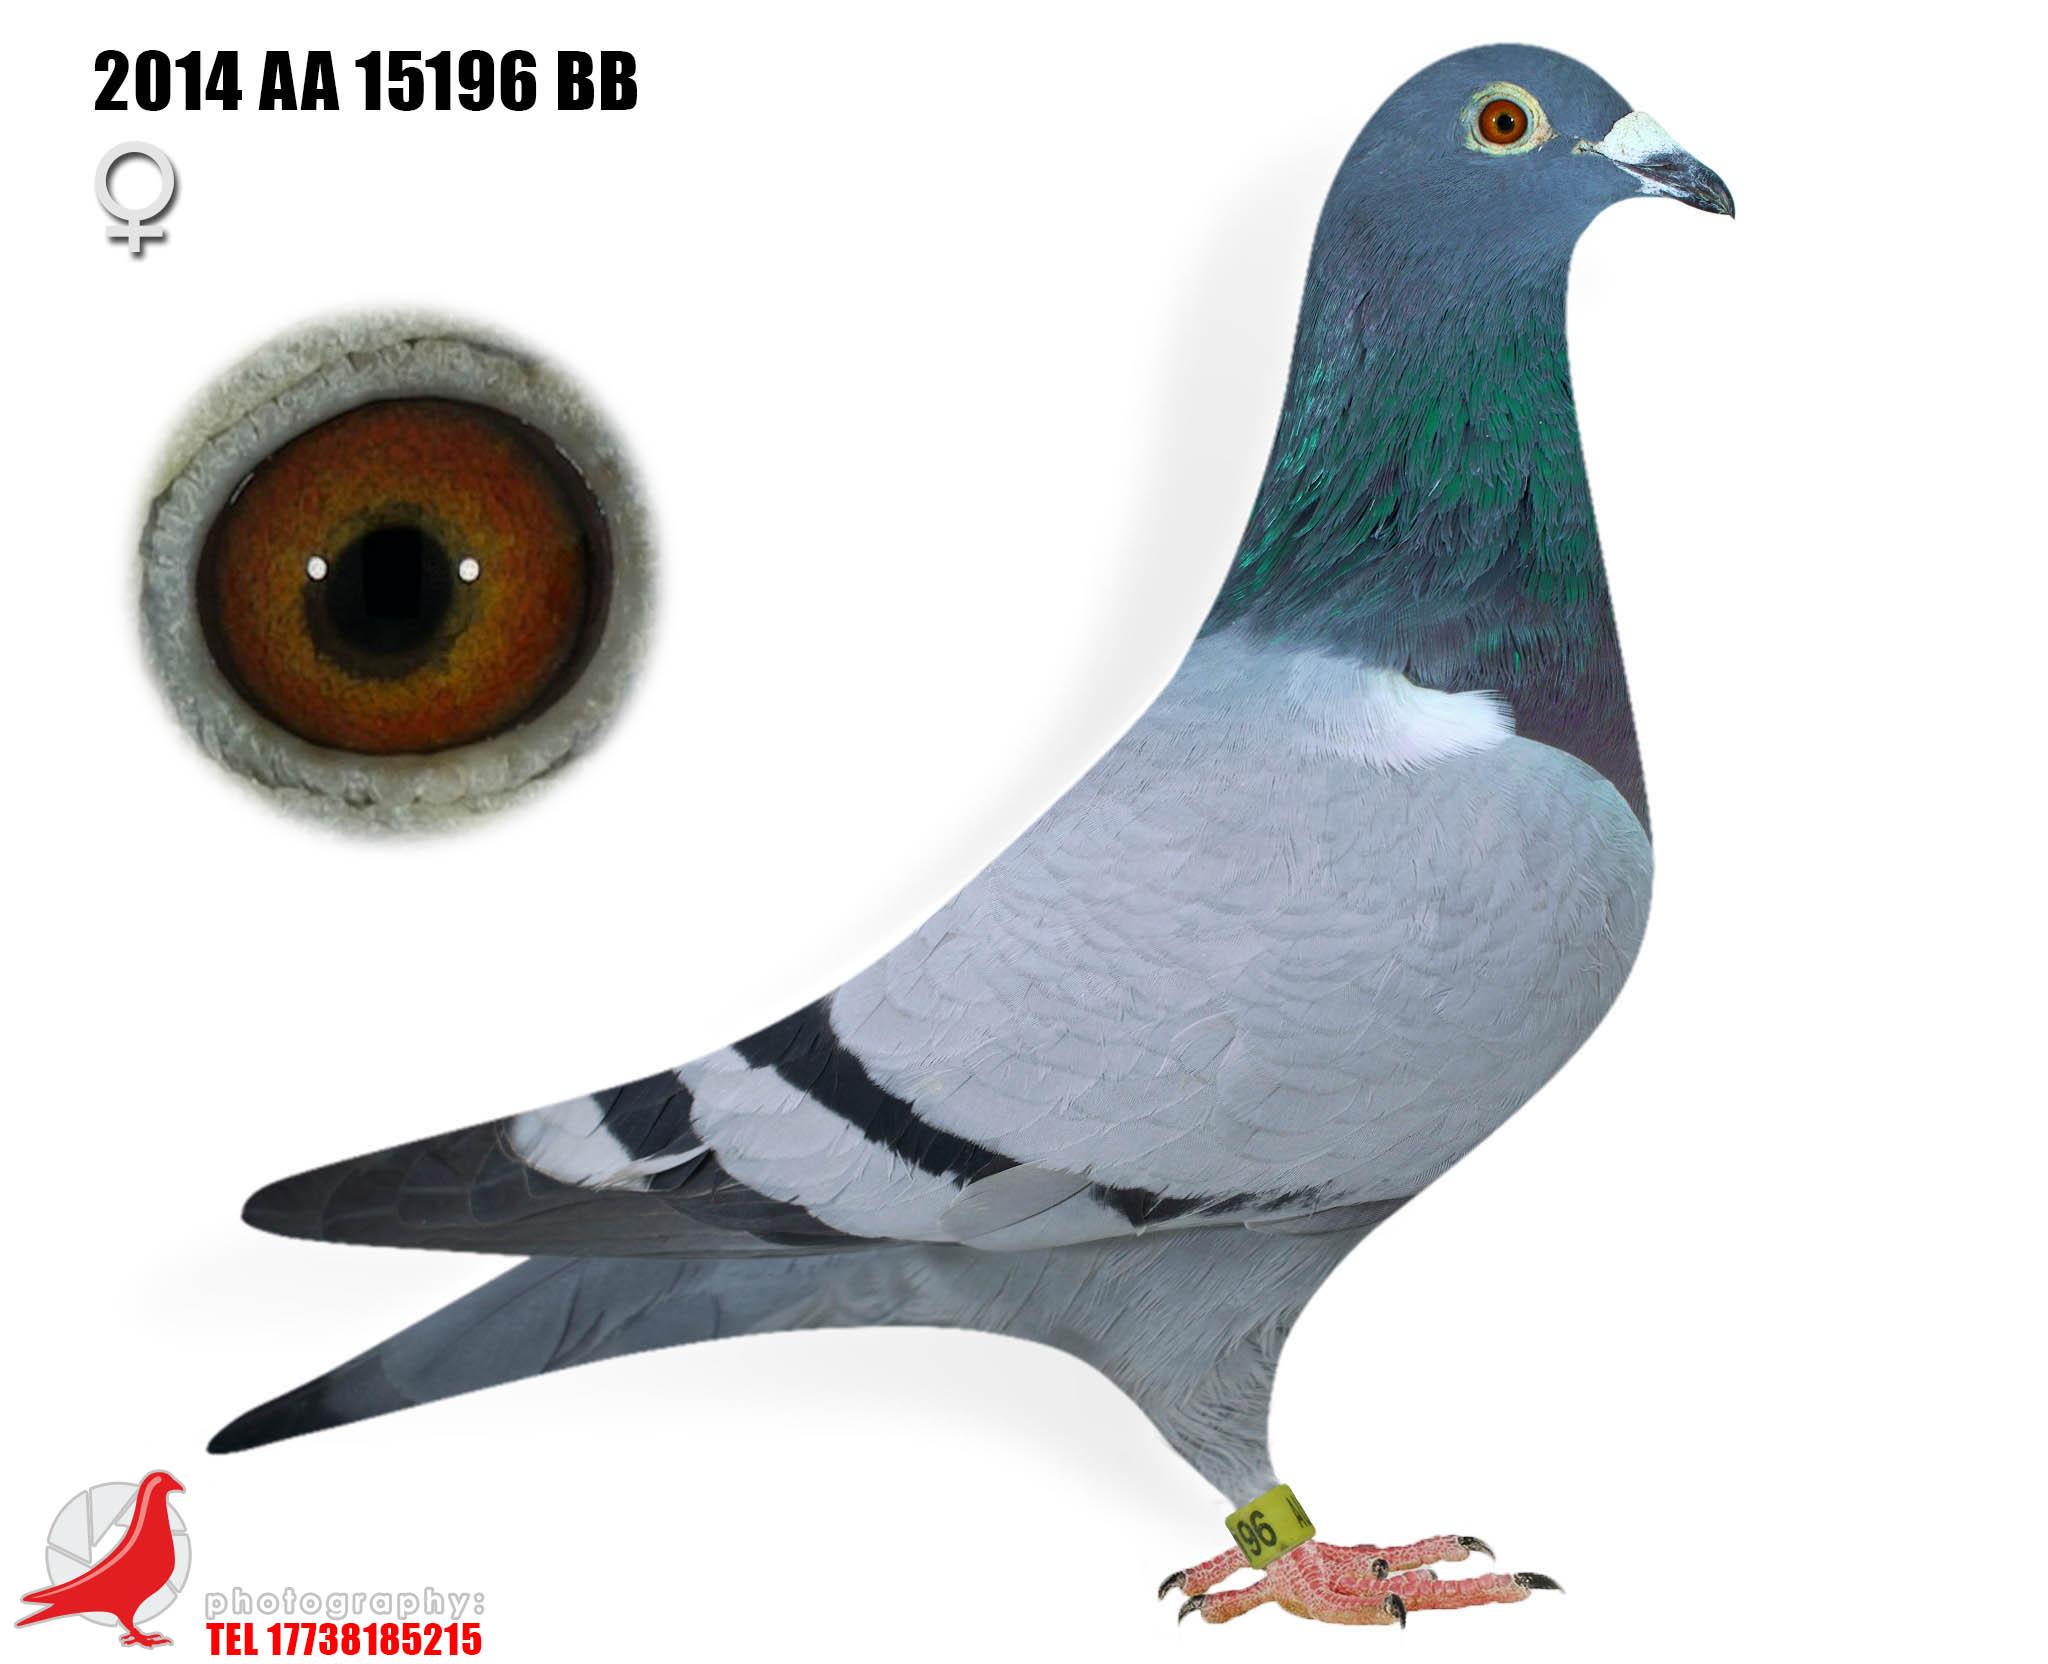 2014 AA 15196 BB H